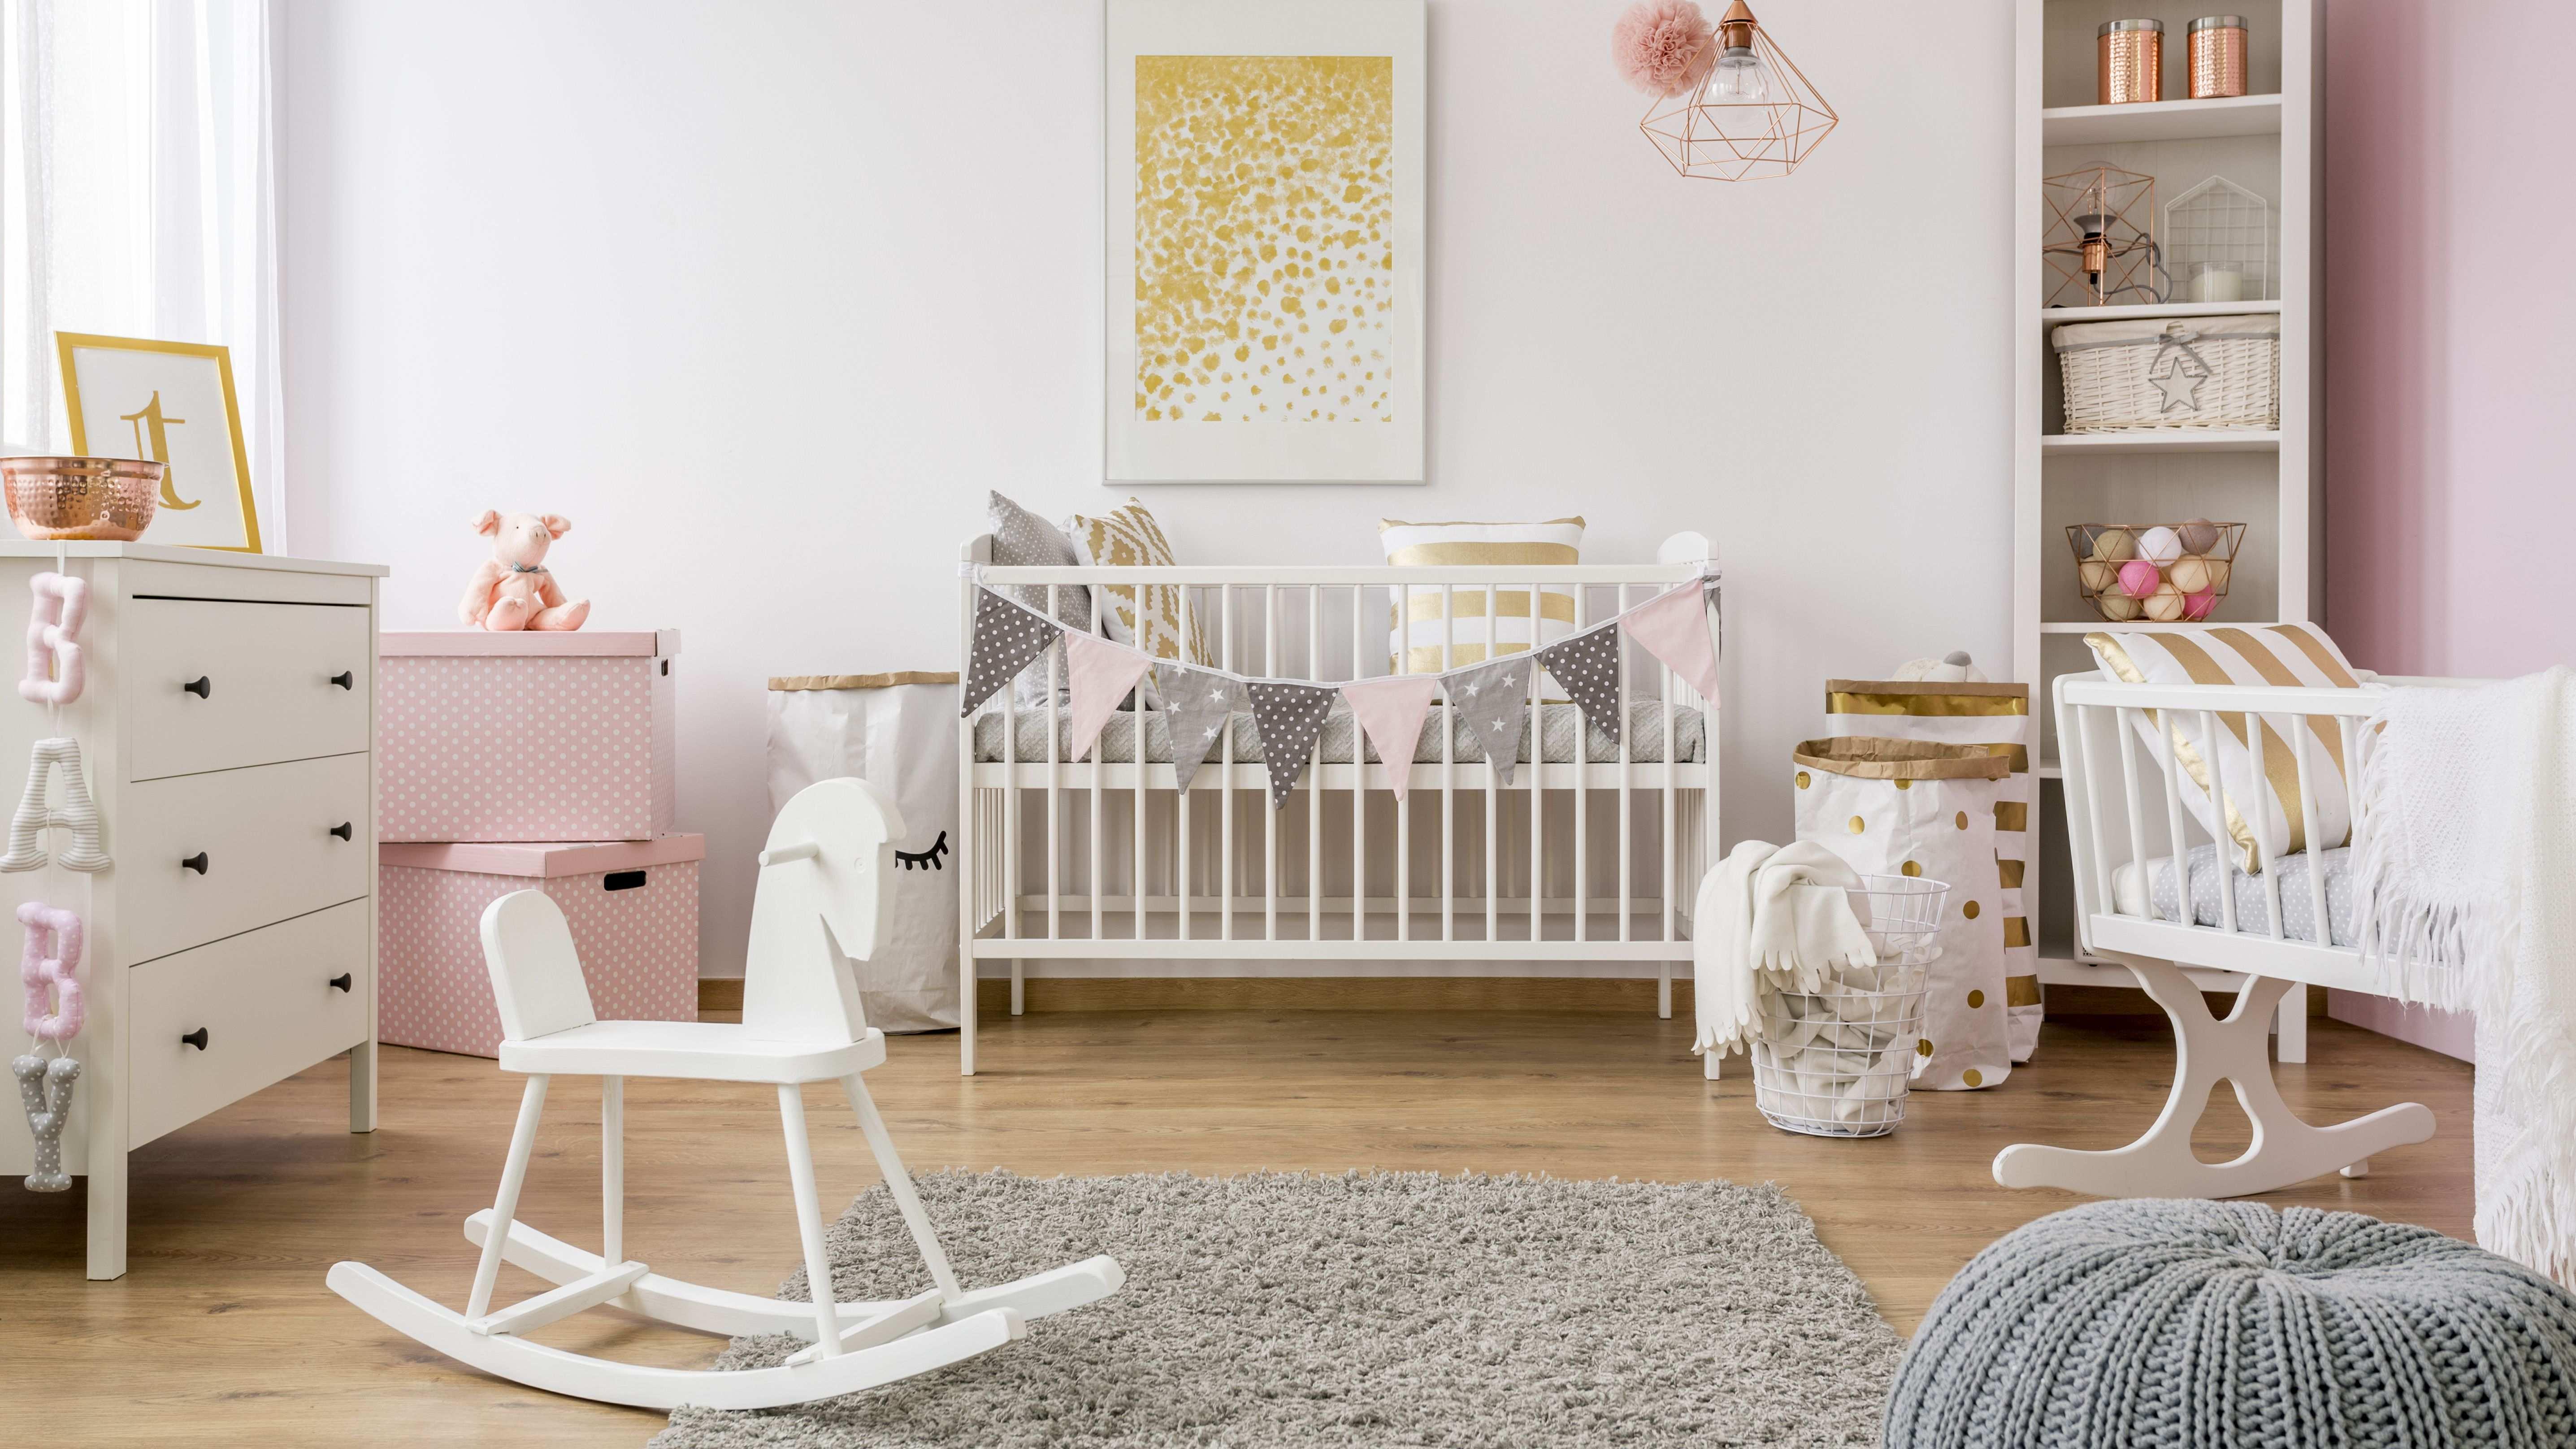 Comment bien aménager une chambre bébé ?